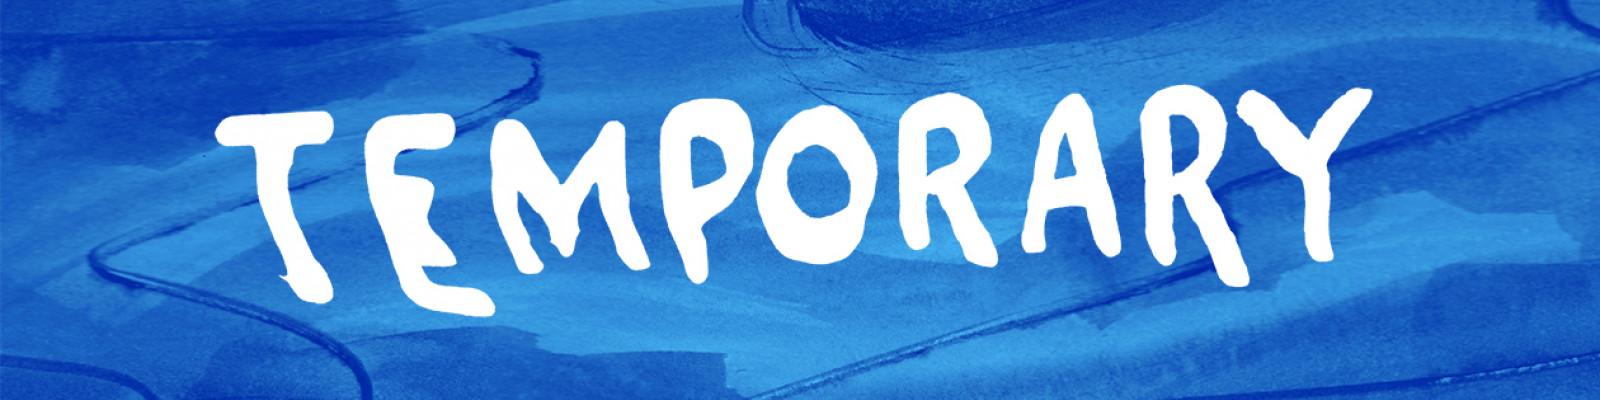 Temporary podcast logo